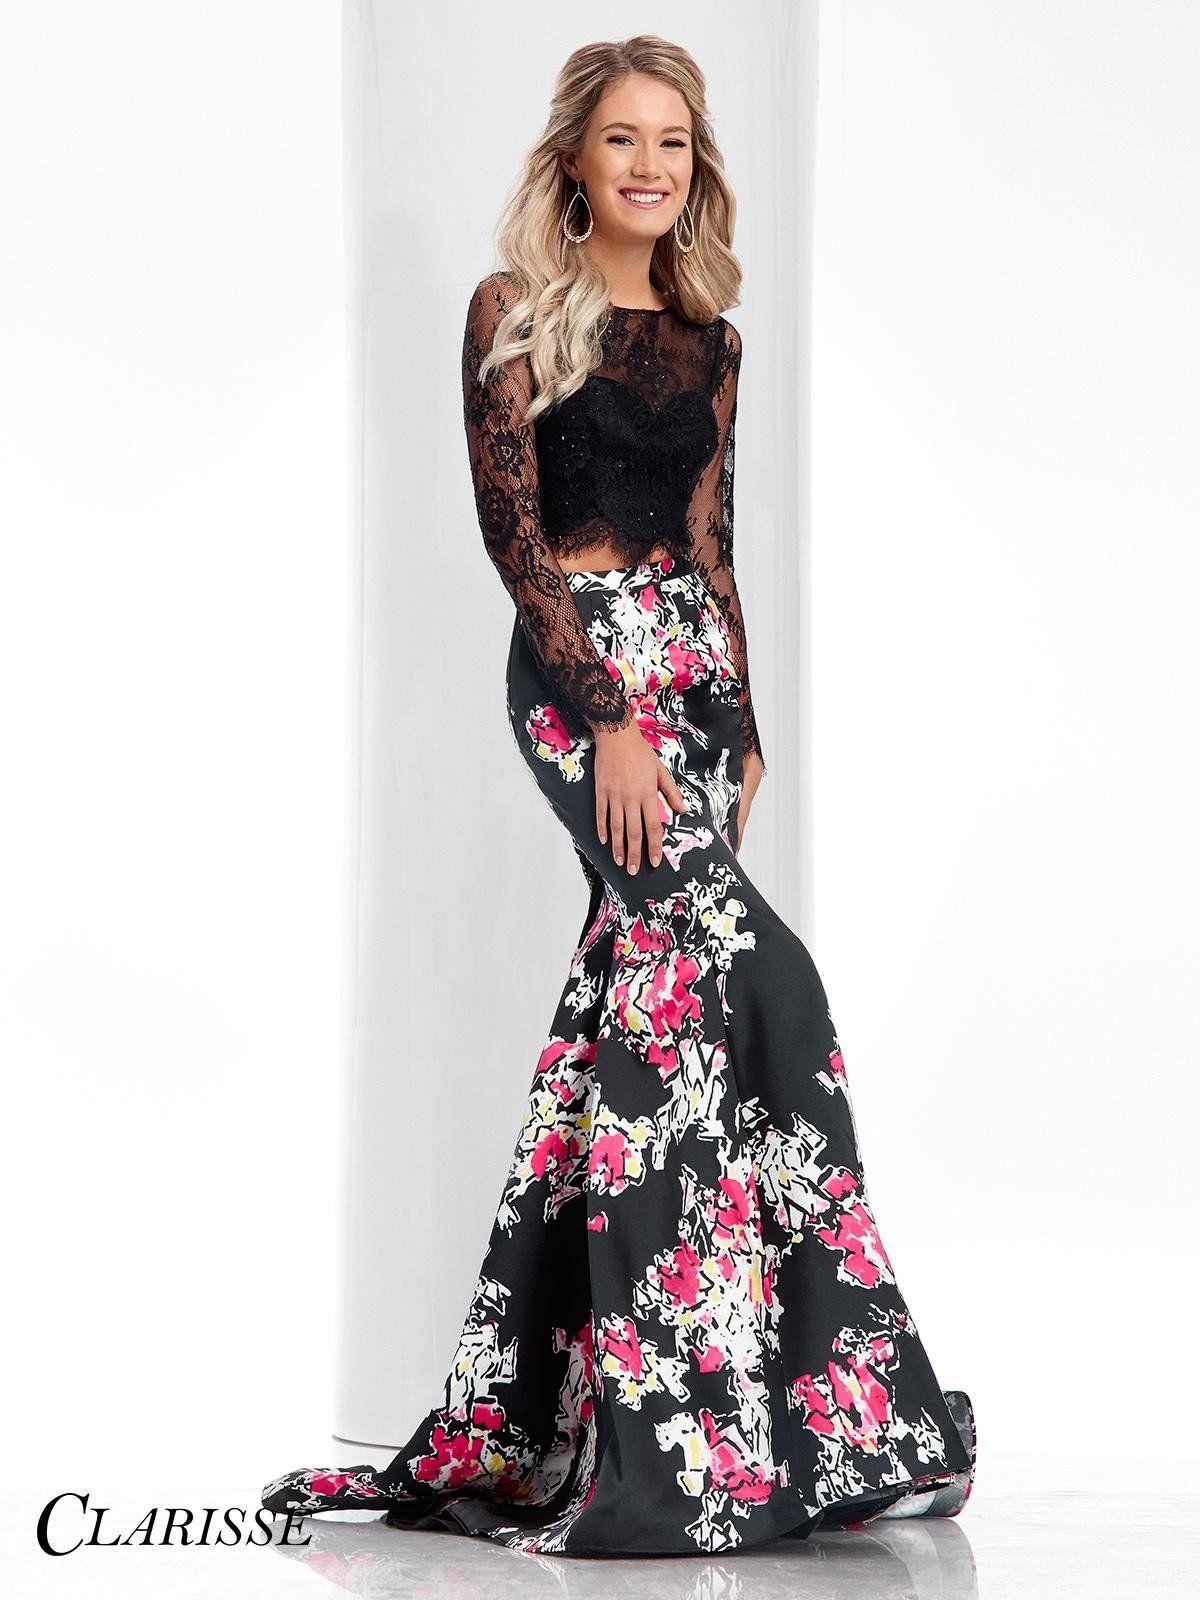 Clarisse inc t blk lace top promhoco pinterest prom